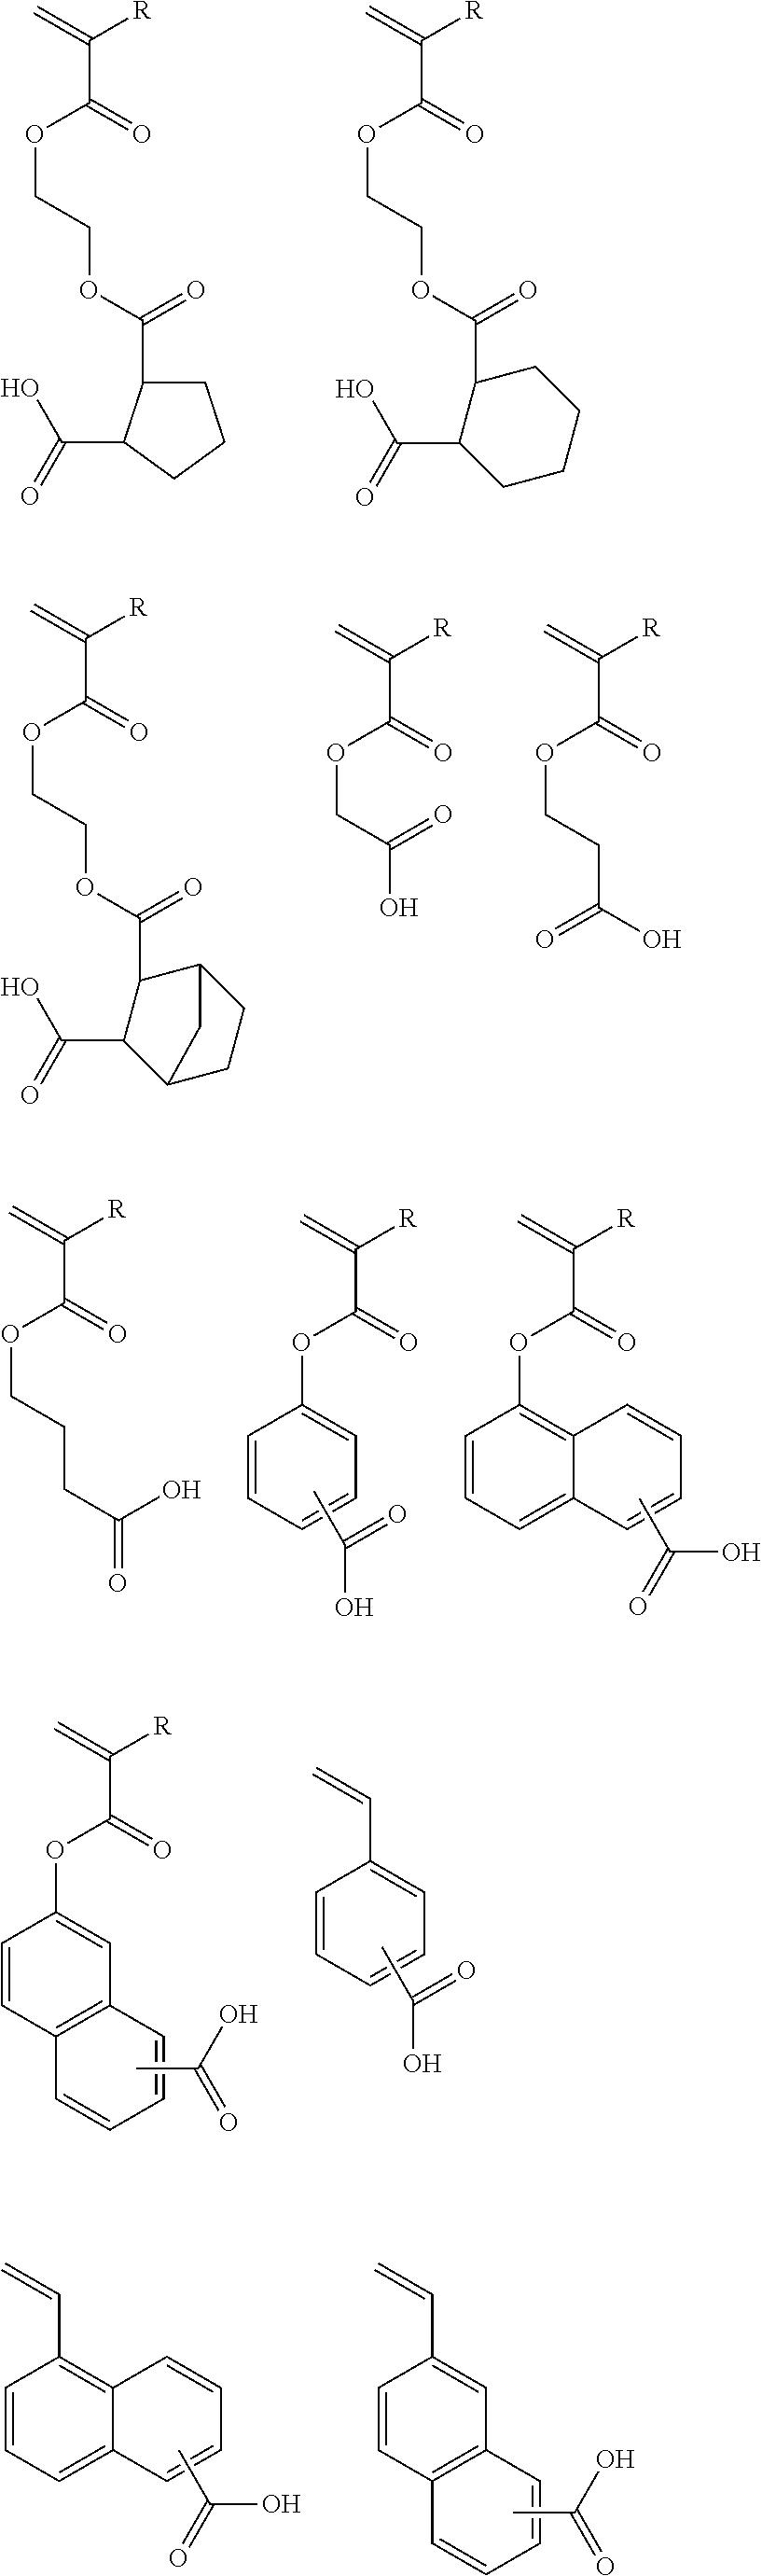 Figure US09040223-20150526-C00035